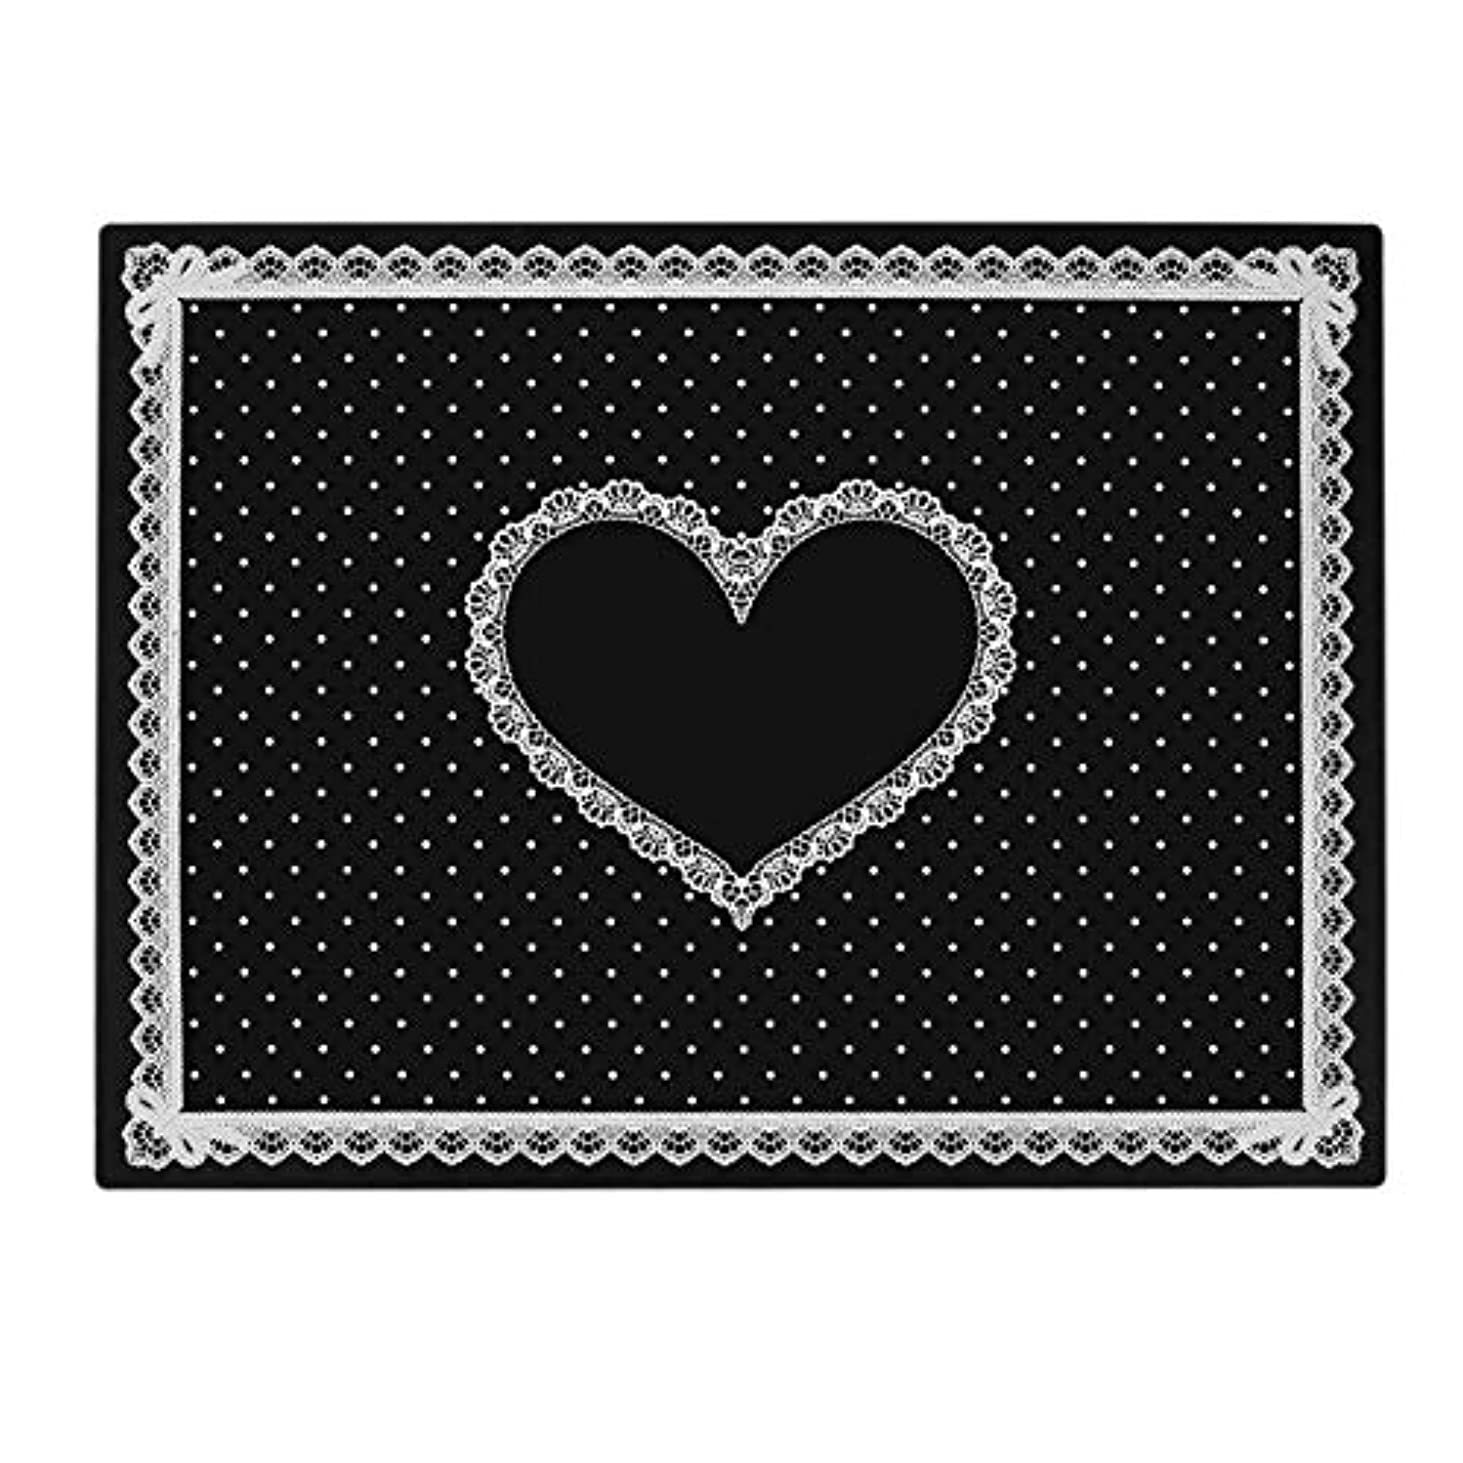 精算ファーザーファージュ段落Yuyte 5色高品質の快適なシリコンハンドレストクッション枕-ネイルアートテーブルアーム手首パッドマニキュアサロン(14)